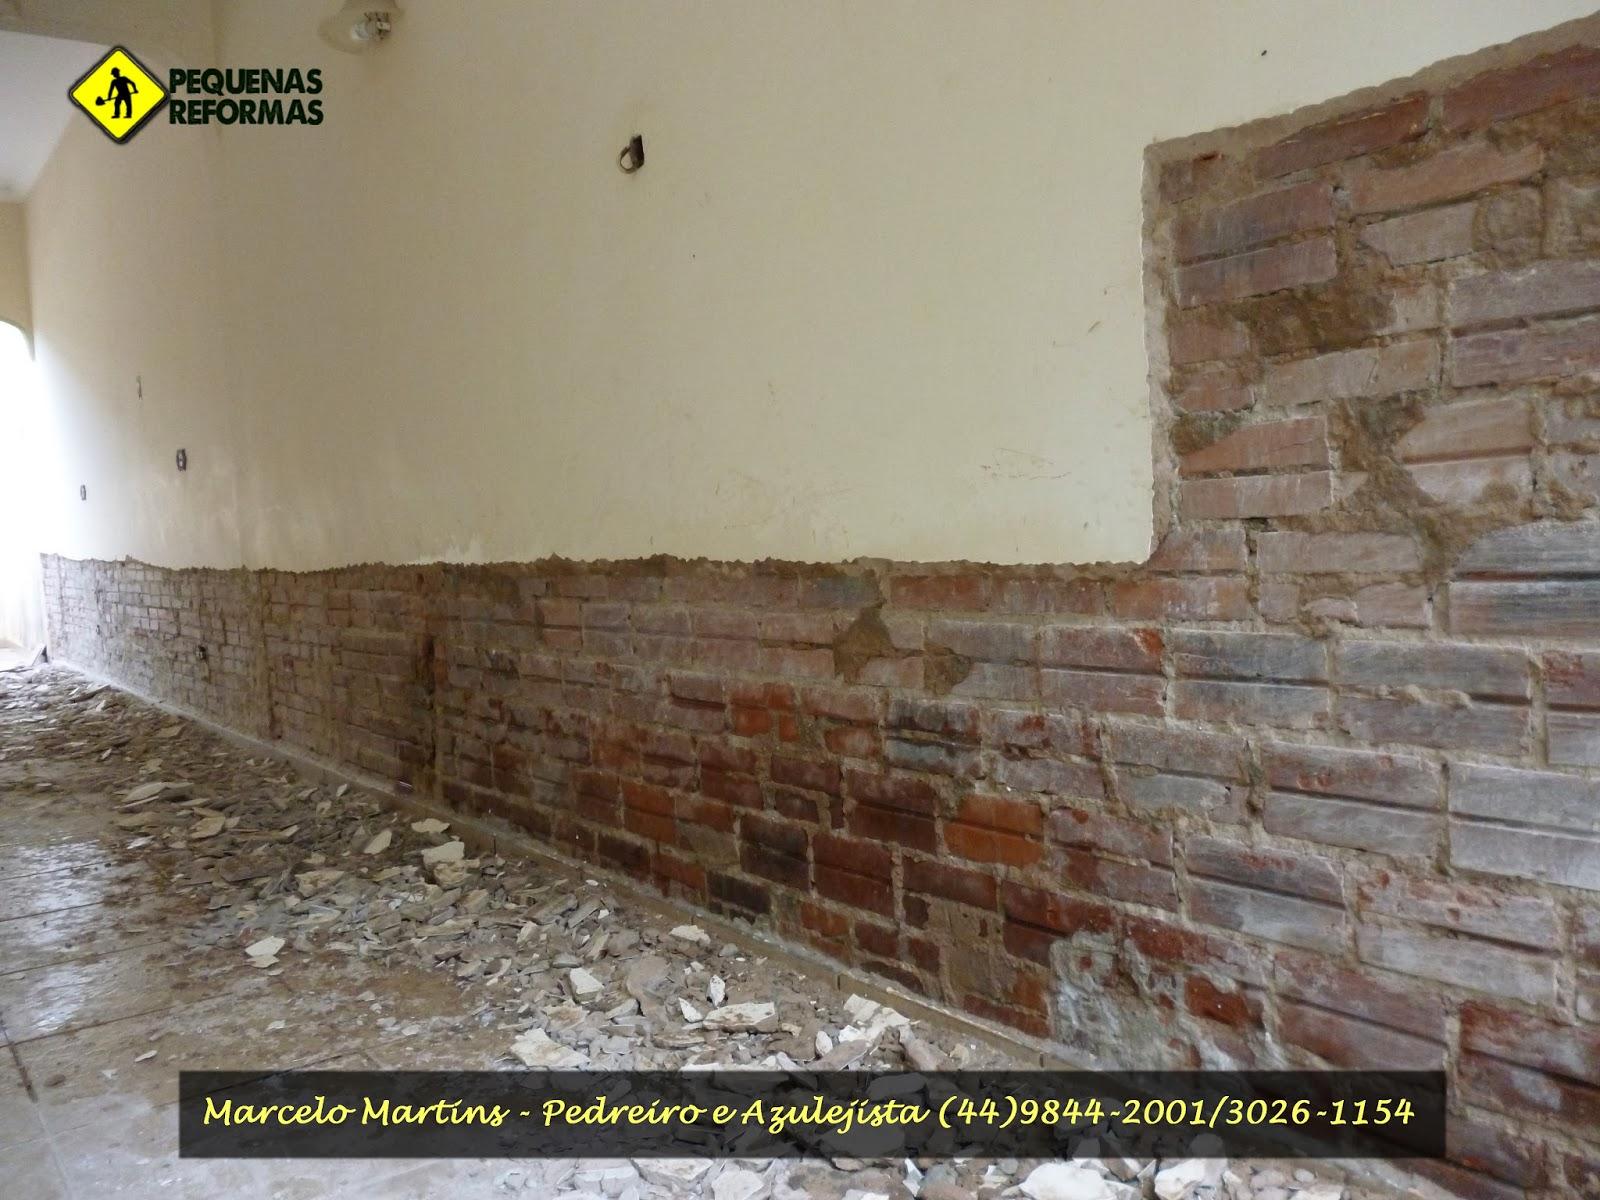 Impermeabilização e reboco Reforma em residencia com infiltração  #BEBE0D 1600 1200